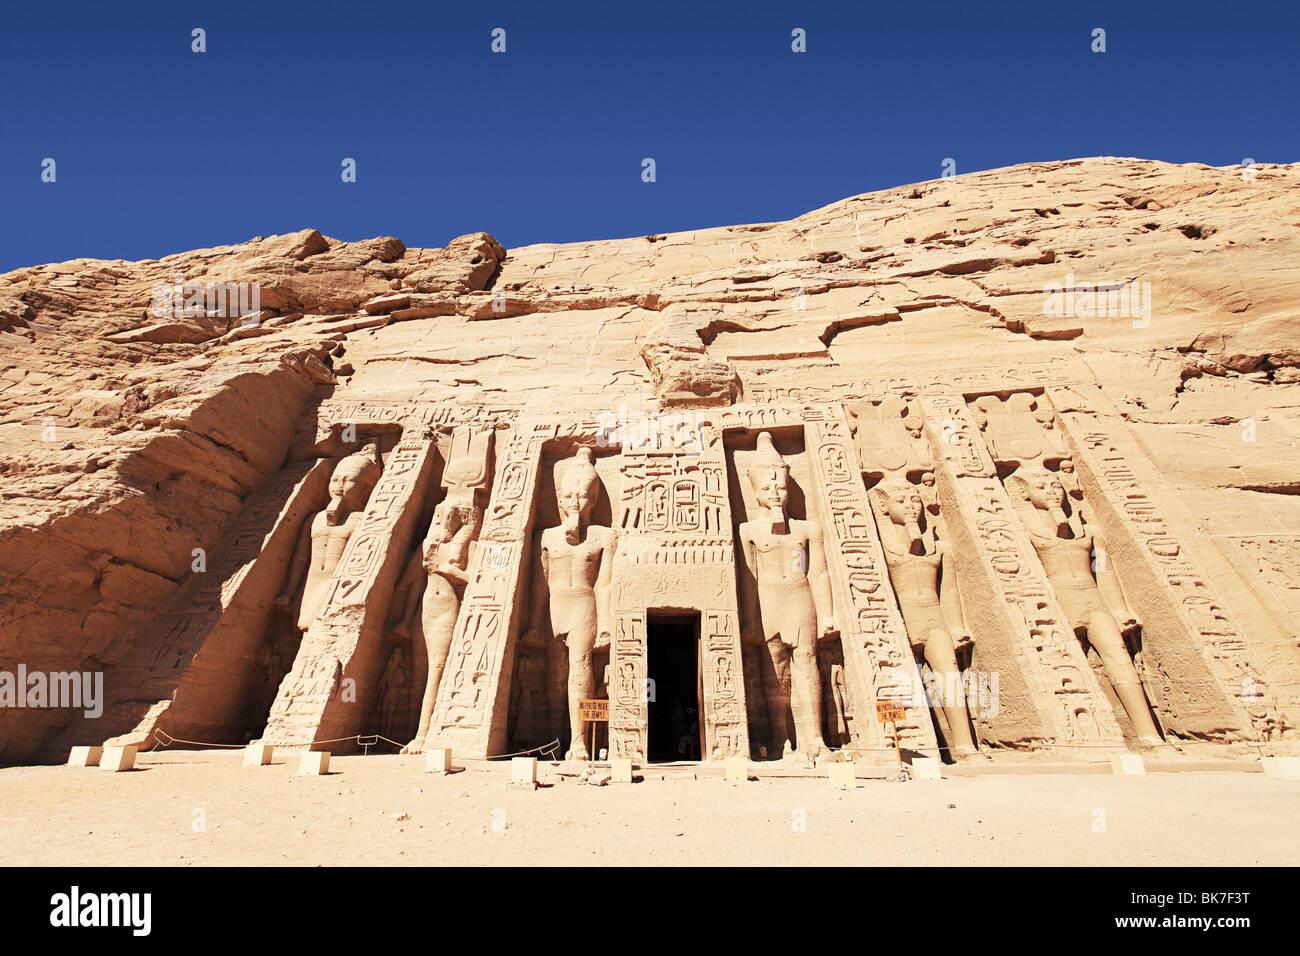 Abu simbel egypt - Stock Image